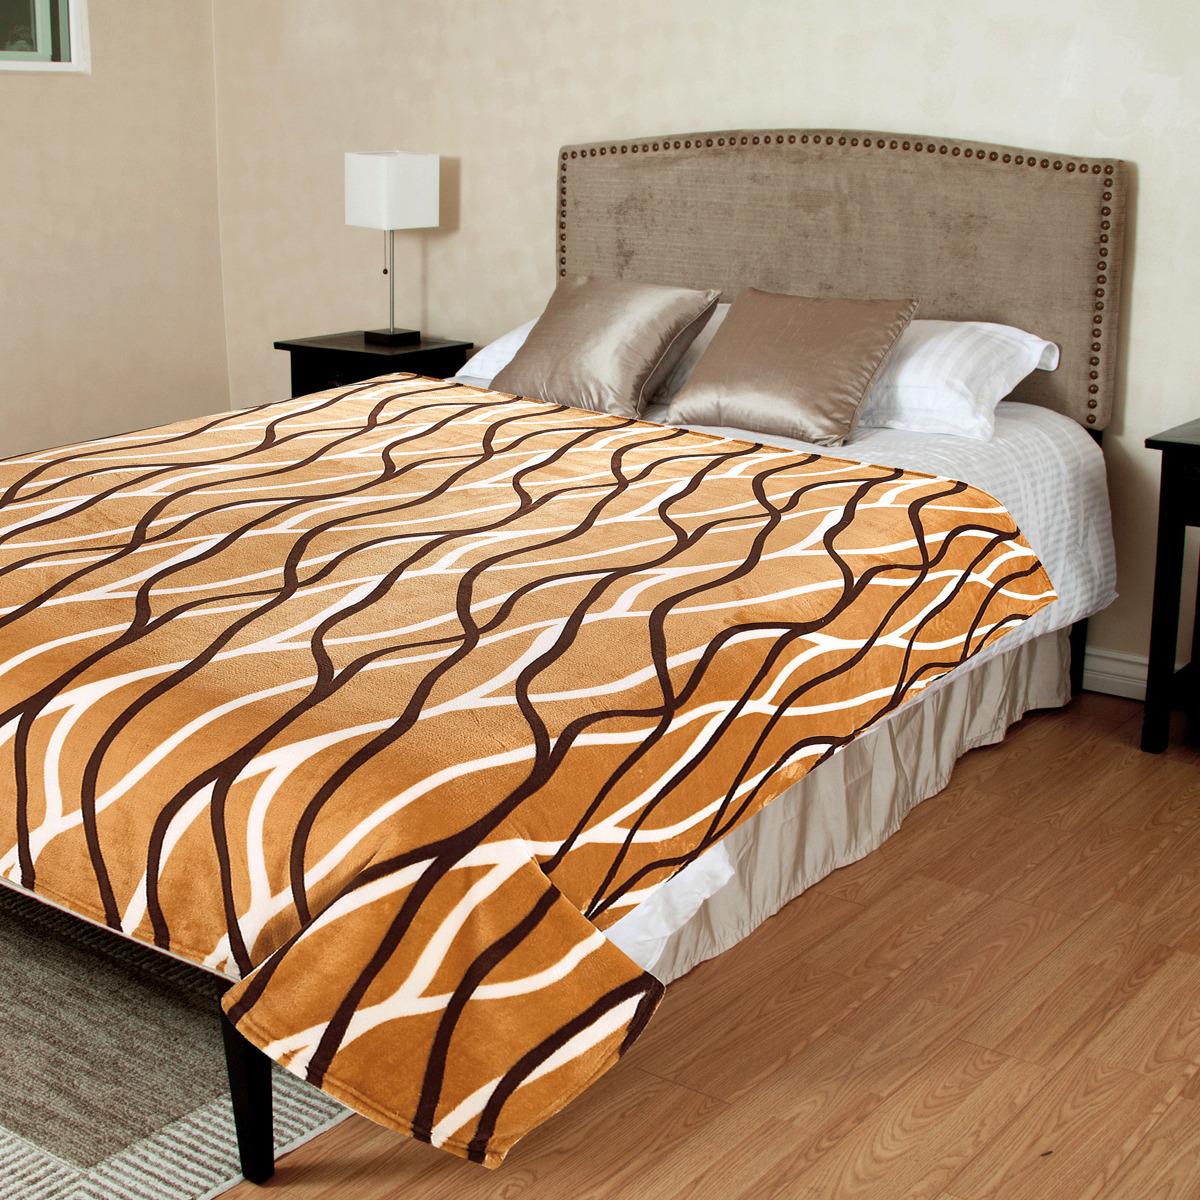 """Плед TexRepublic """"Волны"""", цвет: коричневый, бежевый, черный, 180 х 210 см"""